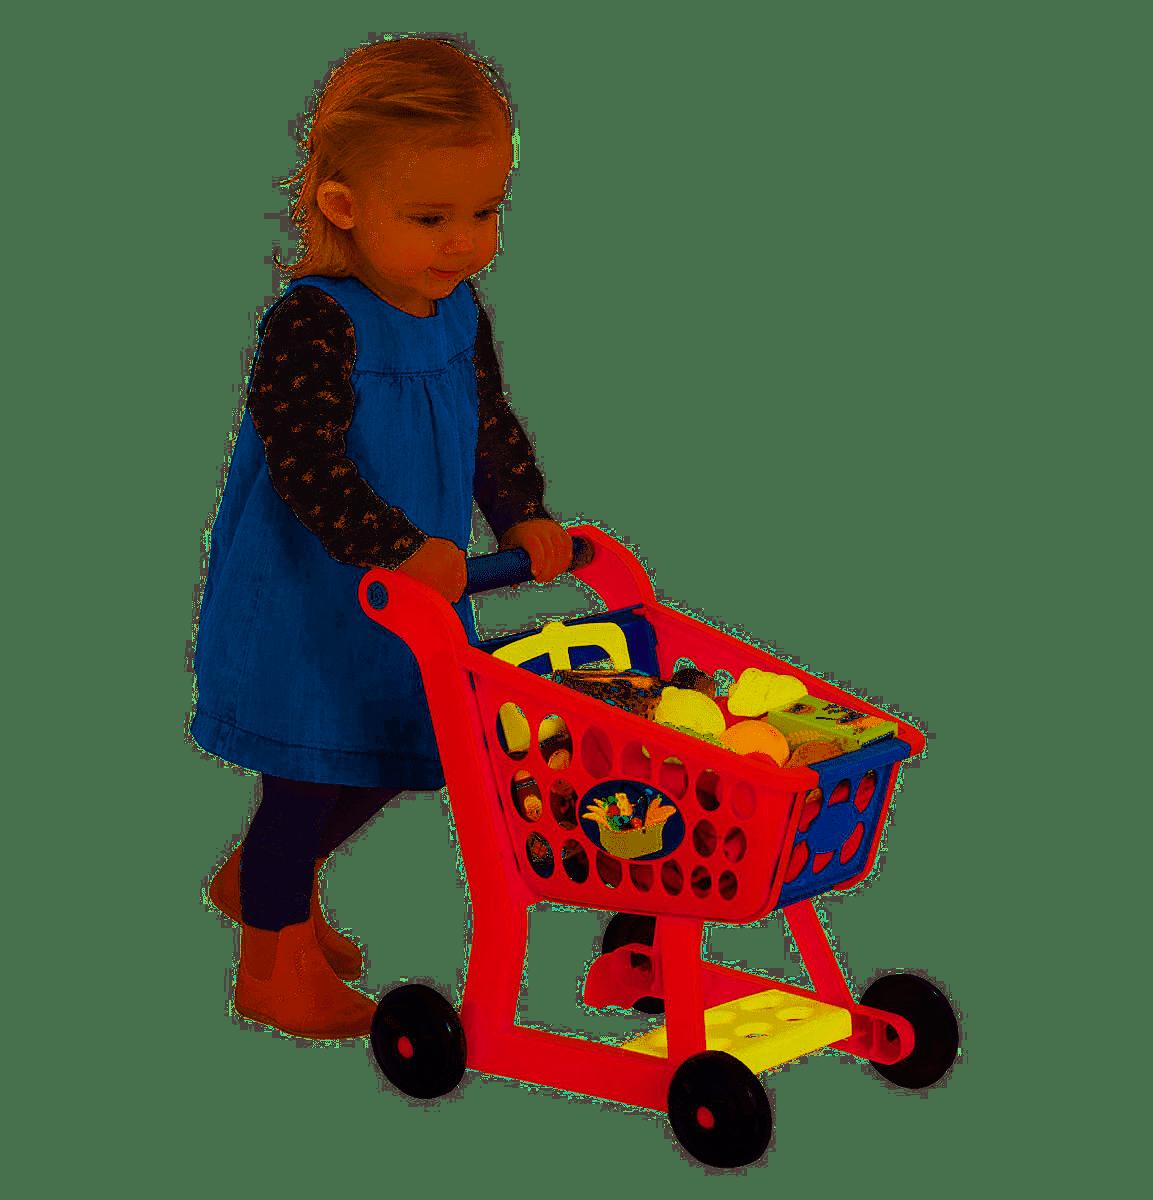 Dagaanbieding - Kinder Winkelwagen met 14 accessoires. dagelijkse koopjes